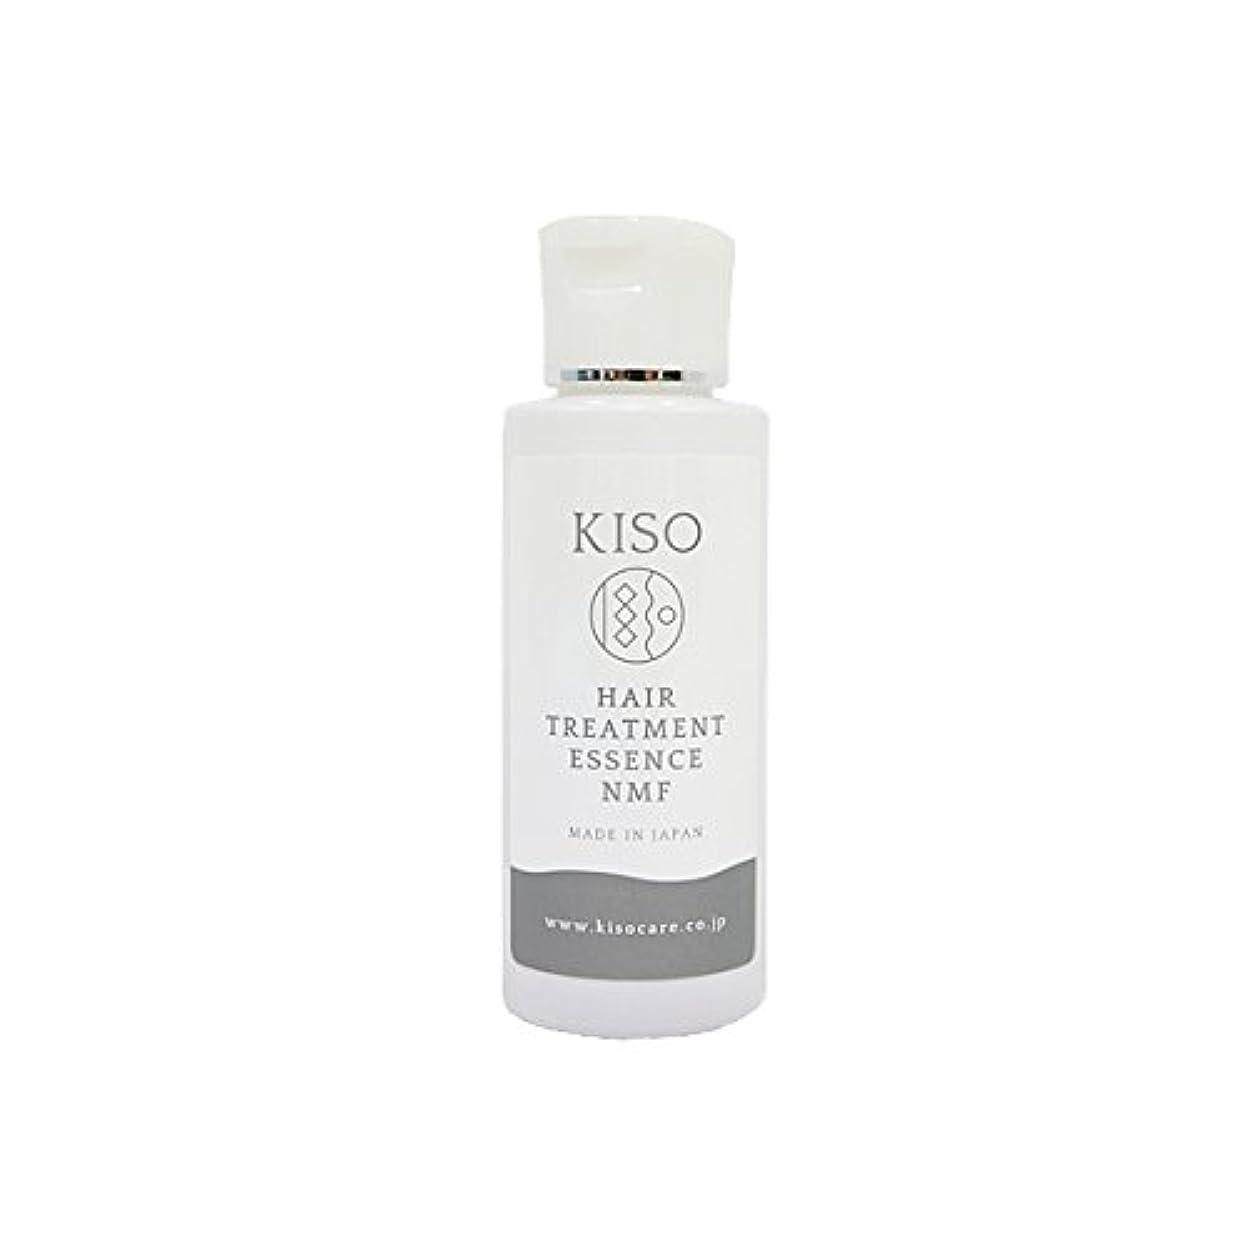 僕の卵演劇KISO 水鳥ケラチン ツルサラ髪の素 【ヘアートリートメントエッセンスNMF 60mL】トリートメントの素?天然保湿因子